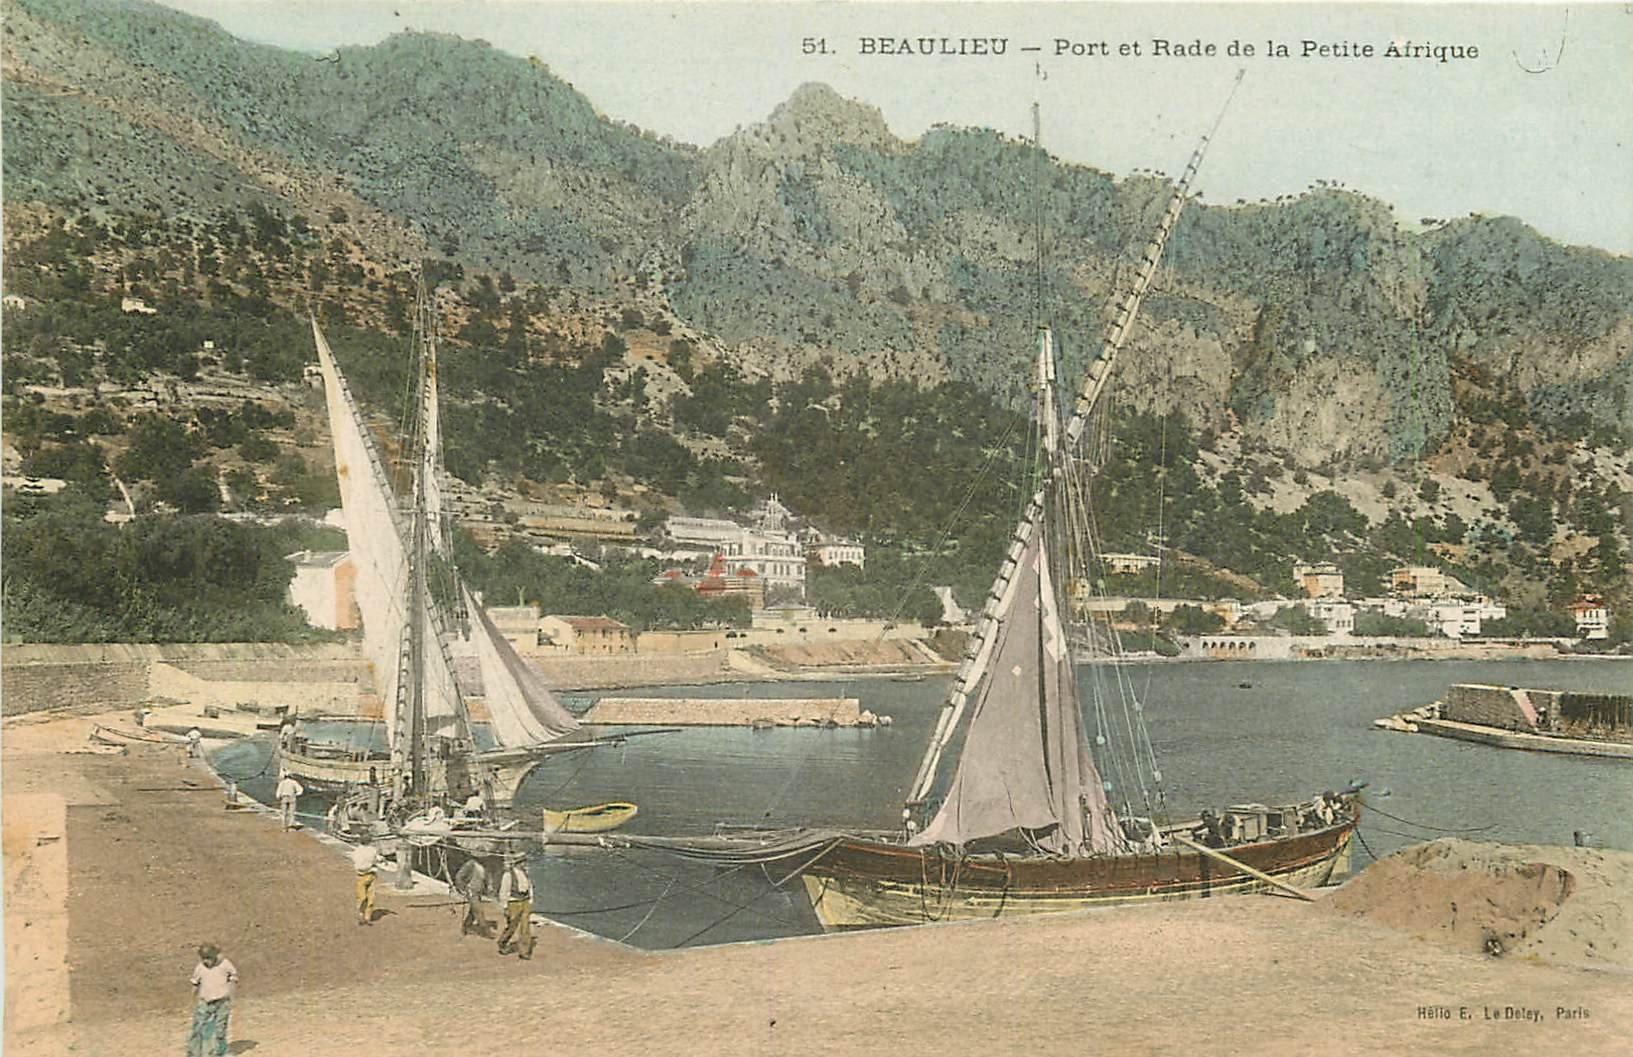 WW 06 BEAULIEU. Bateaux de Pêcheurs au Port dans la Rade de la Petite Afrique